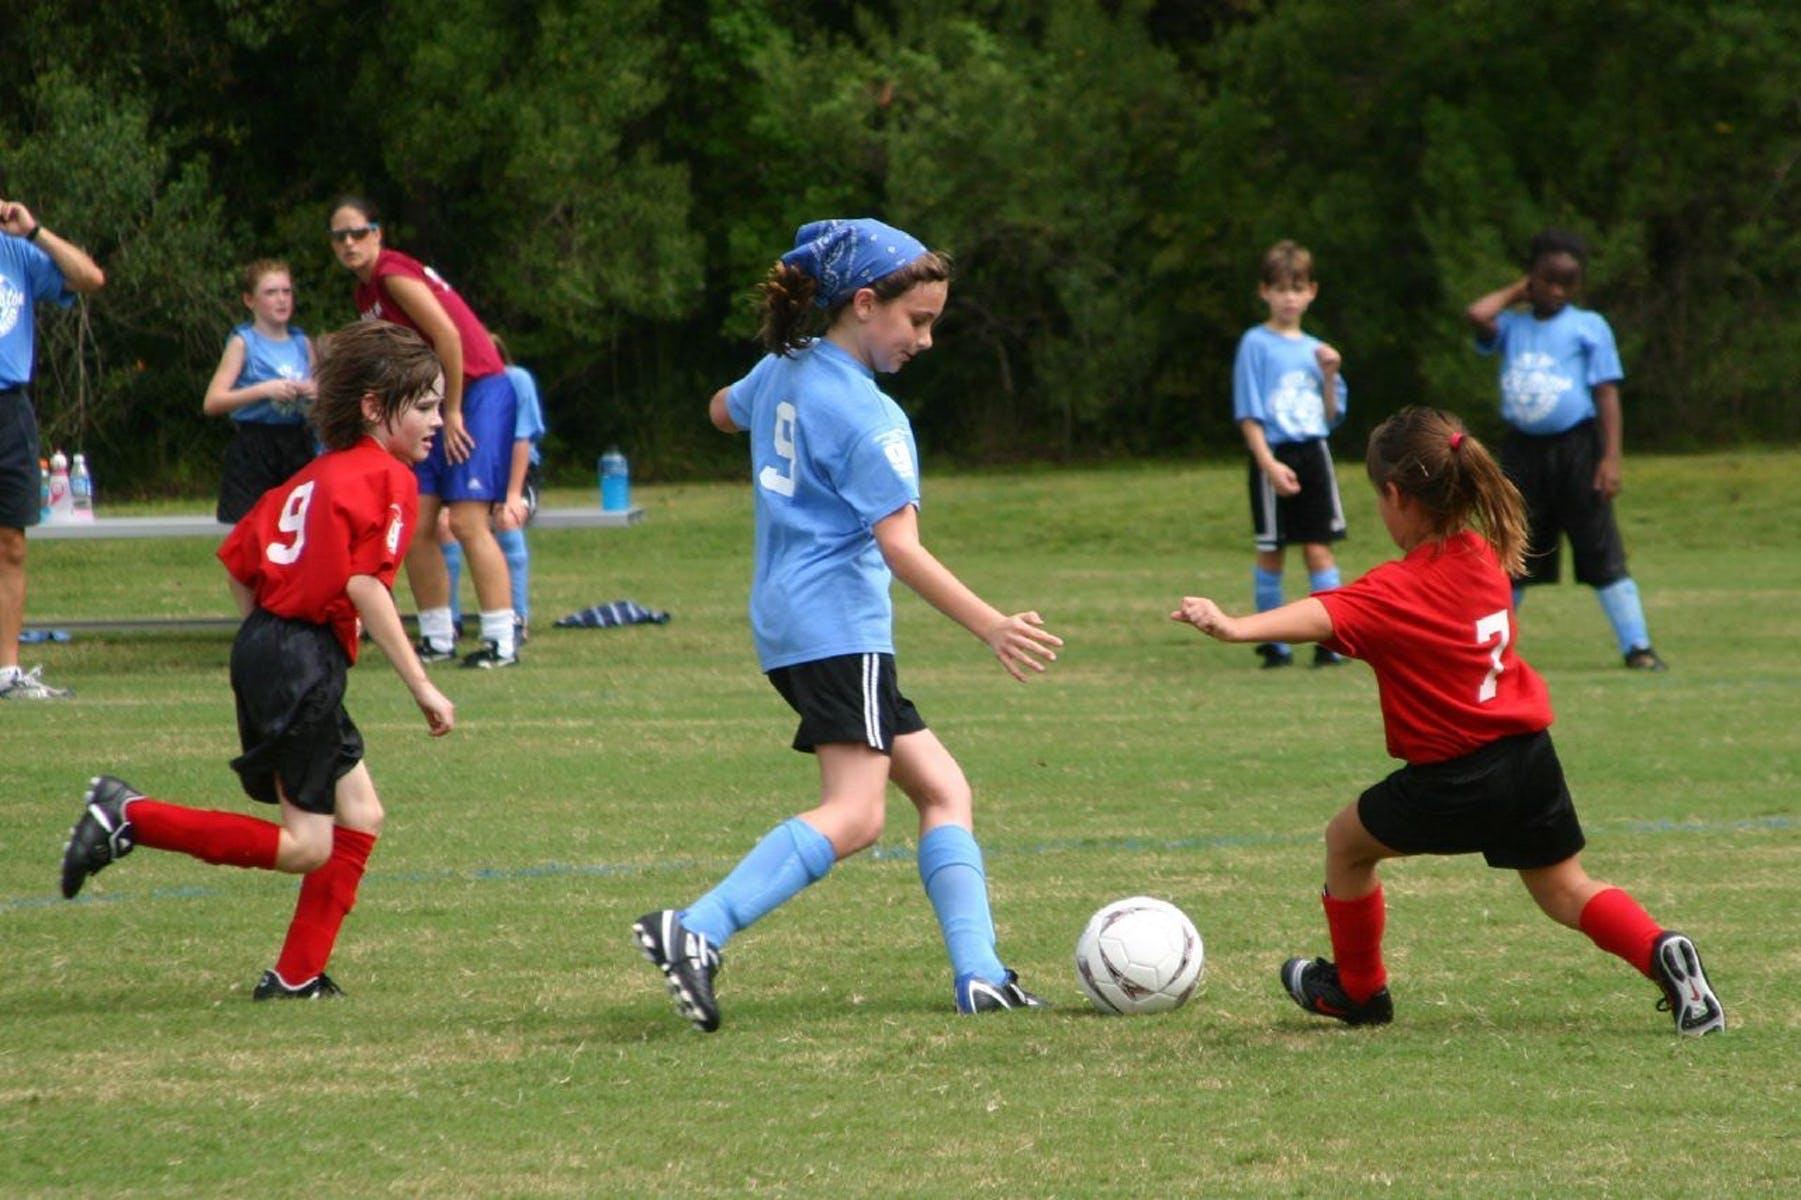 Sports Injuries in Children